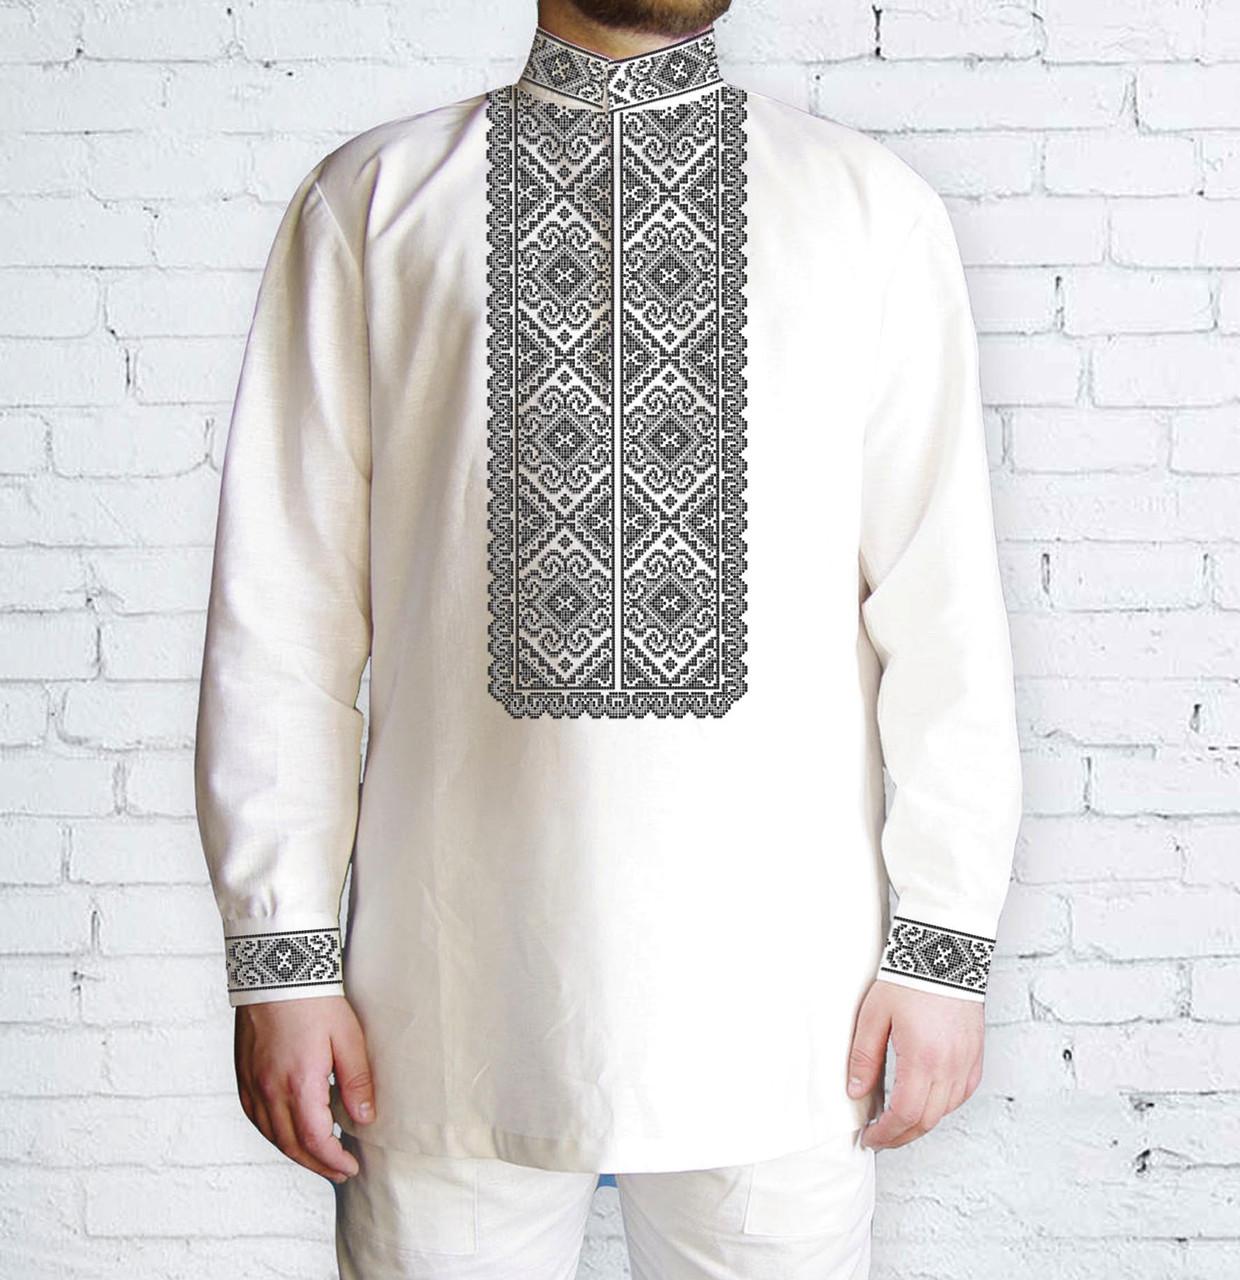 Заготовка чоловічої сорочки та вишиванки для вишивки чи вишивання бісером Бисерок «Завитки сірі» (Ч-507 С )